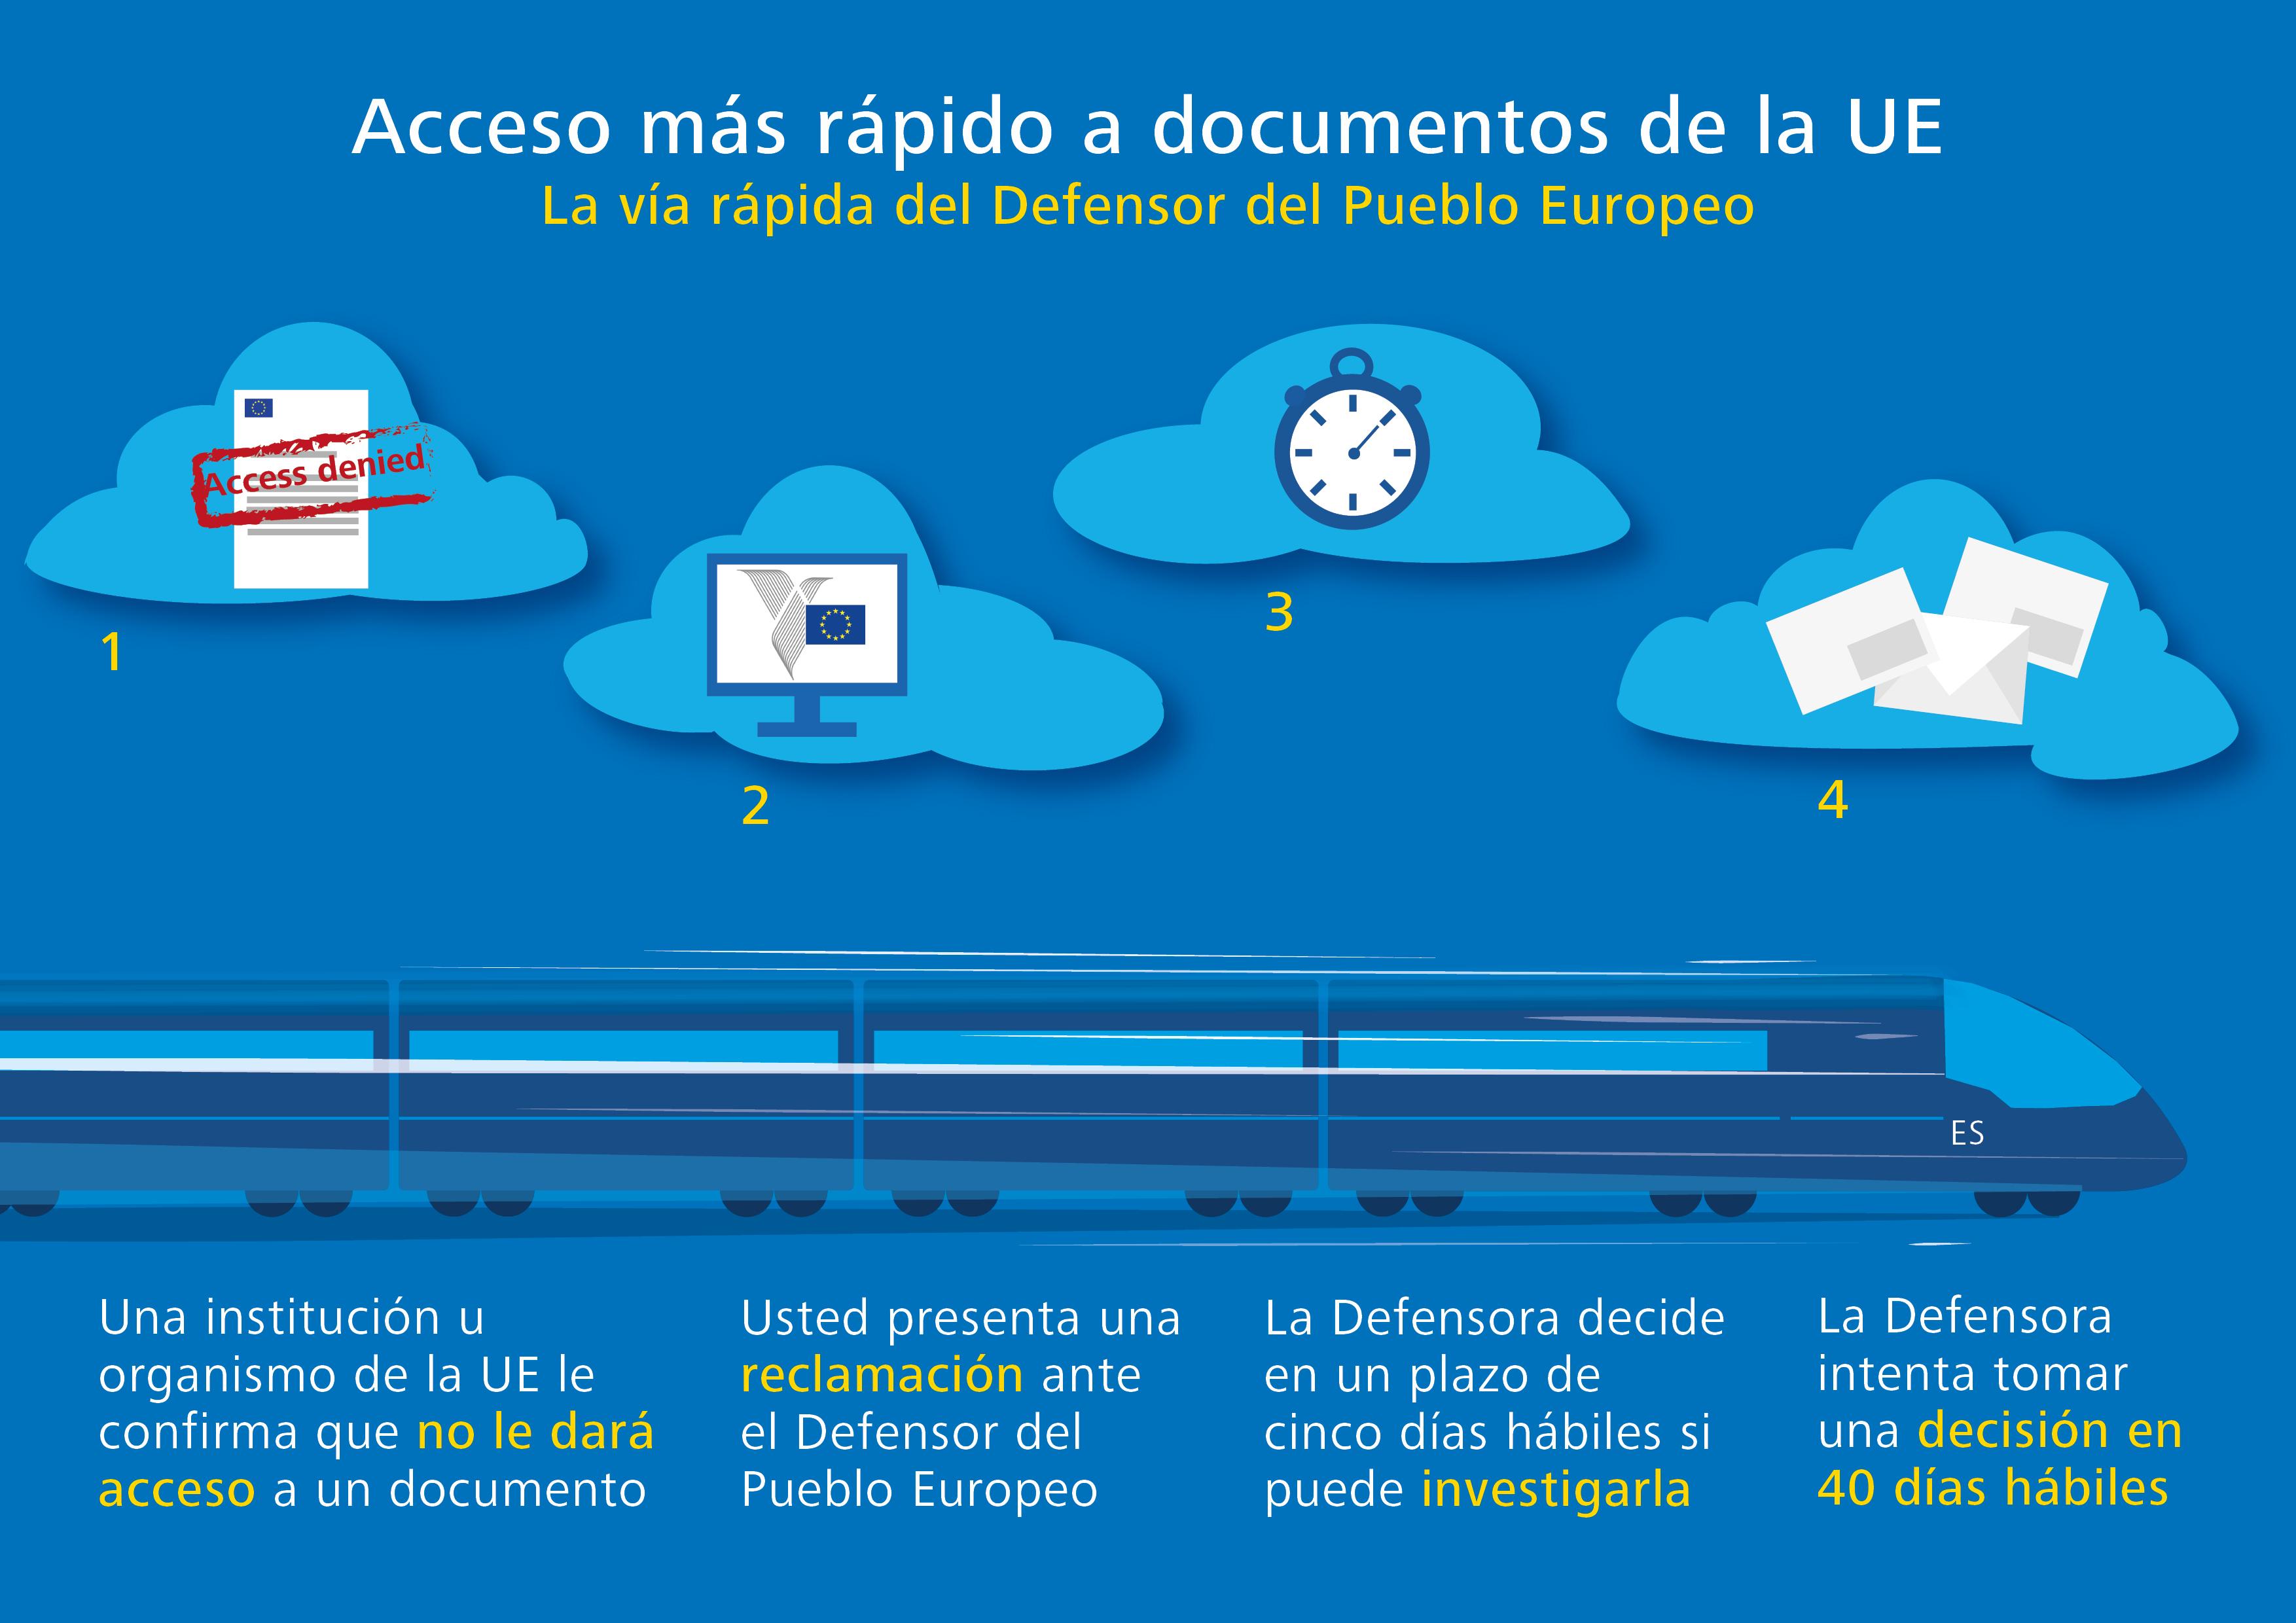 Acceso más rápido a documentos de la UE